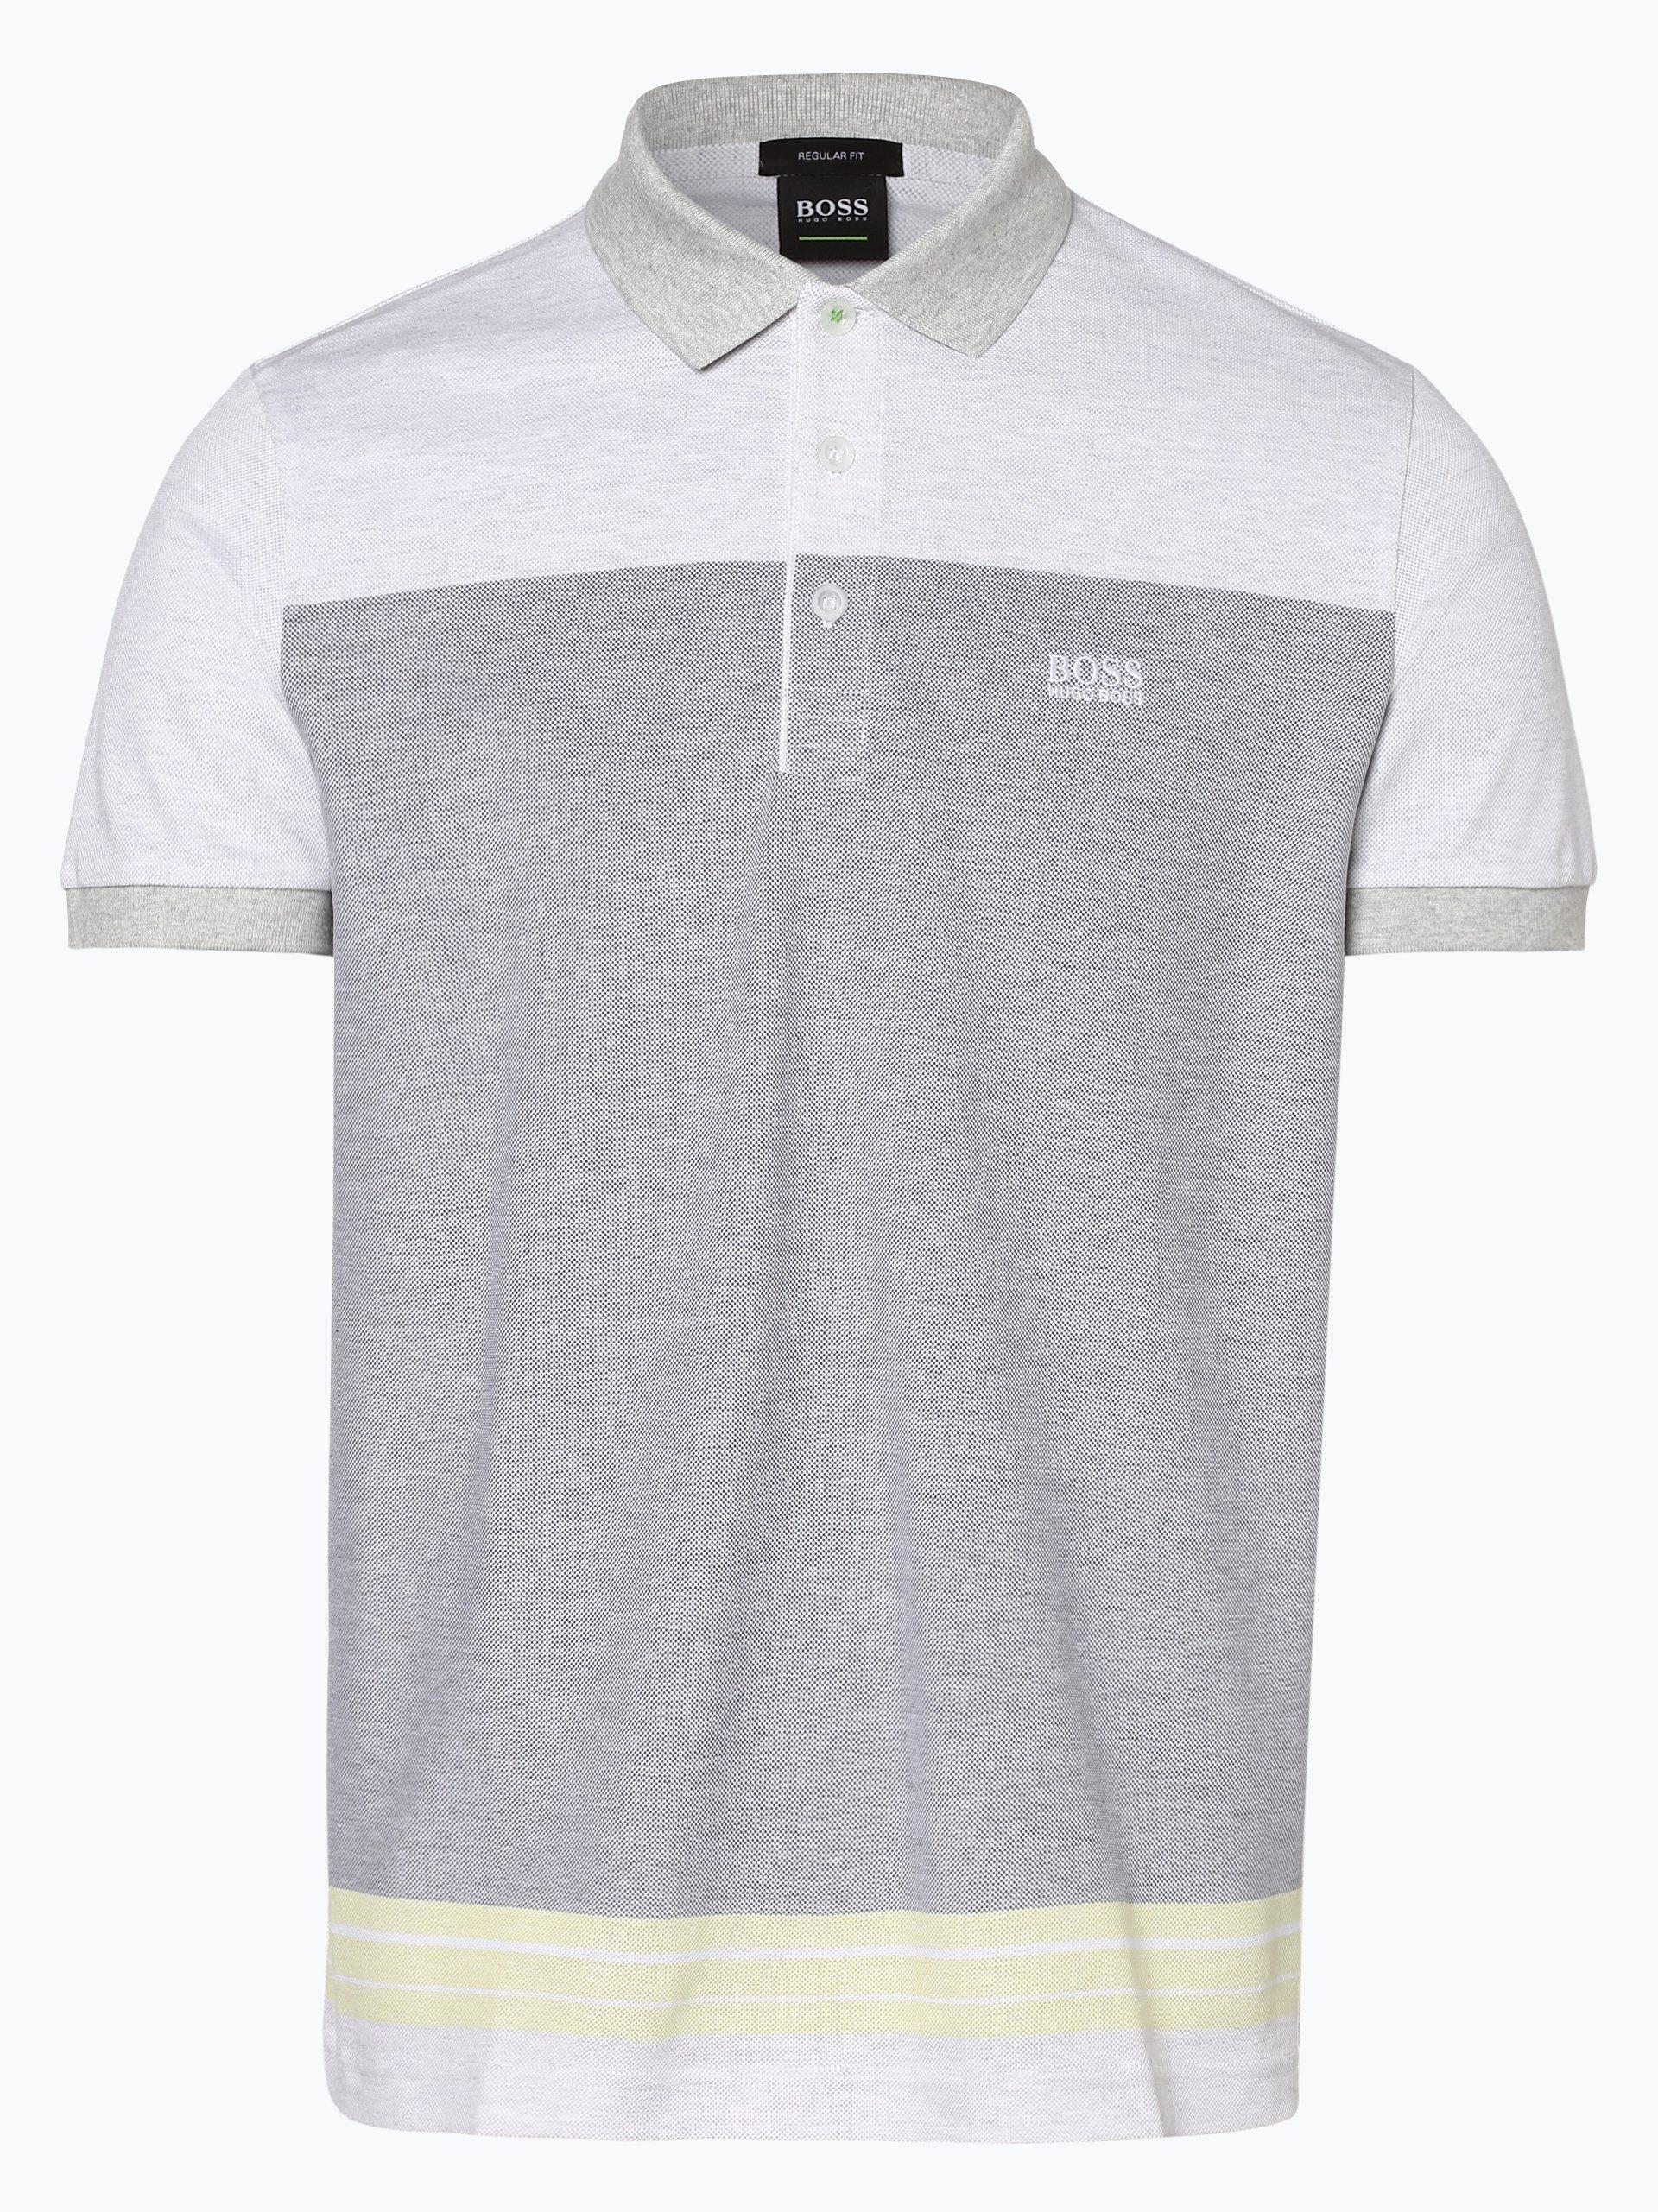 BOSS Athleisure Męska koszulka polo – Paddy 4